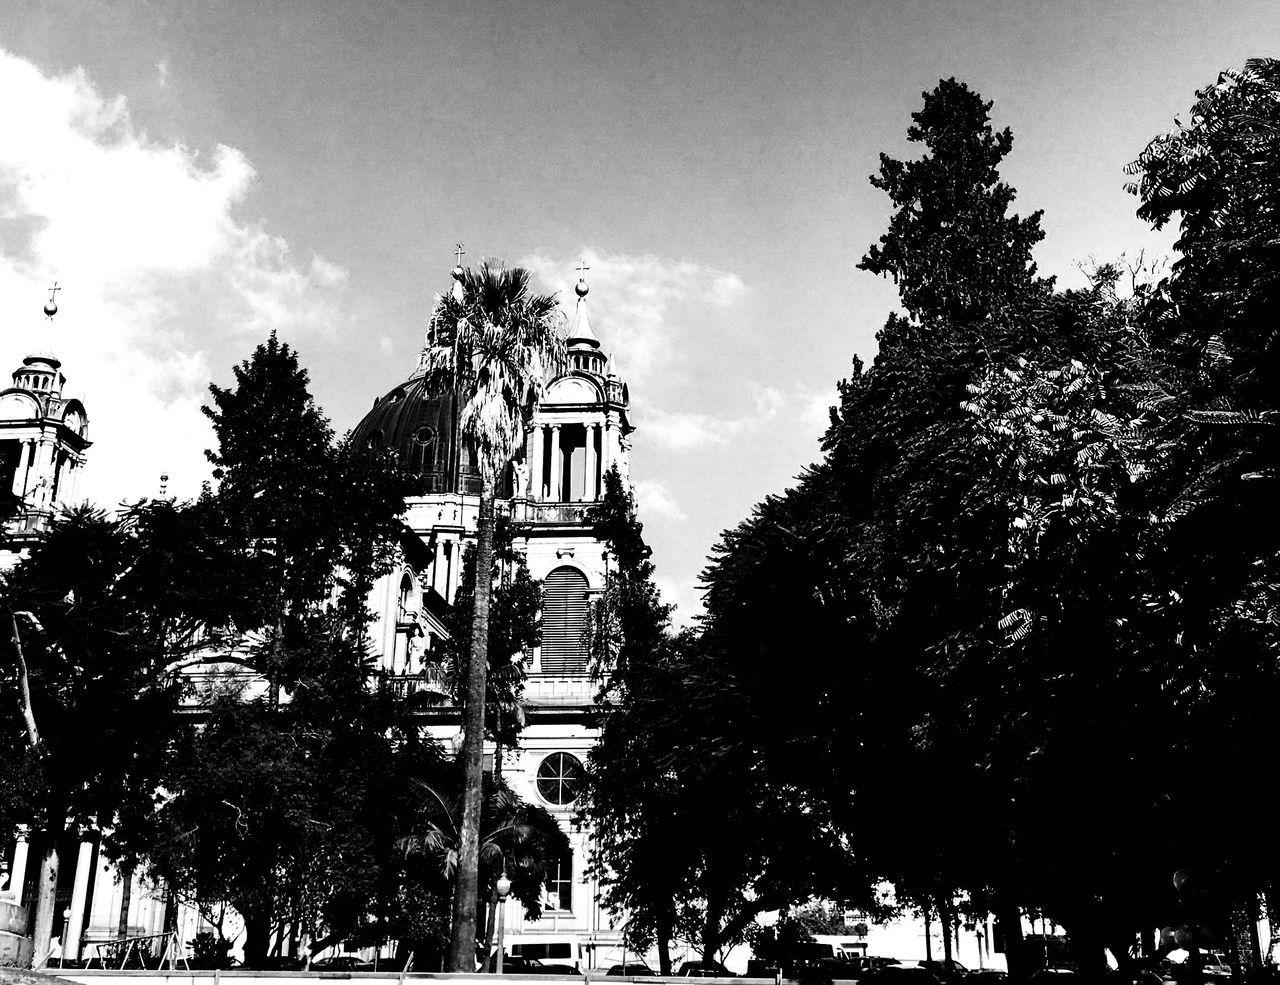 Catedral, Porto Alegre/RS - Brazil. Tree No People Outdoors Patrimonio Cultural Architecture Chapel